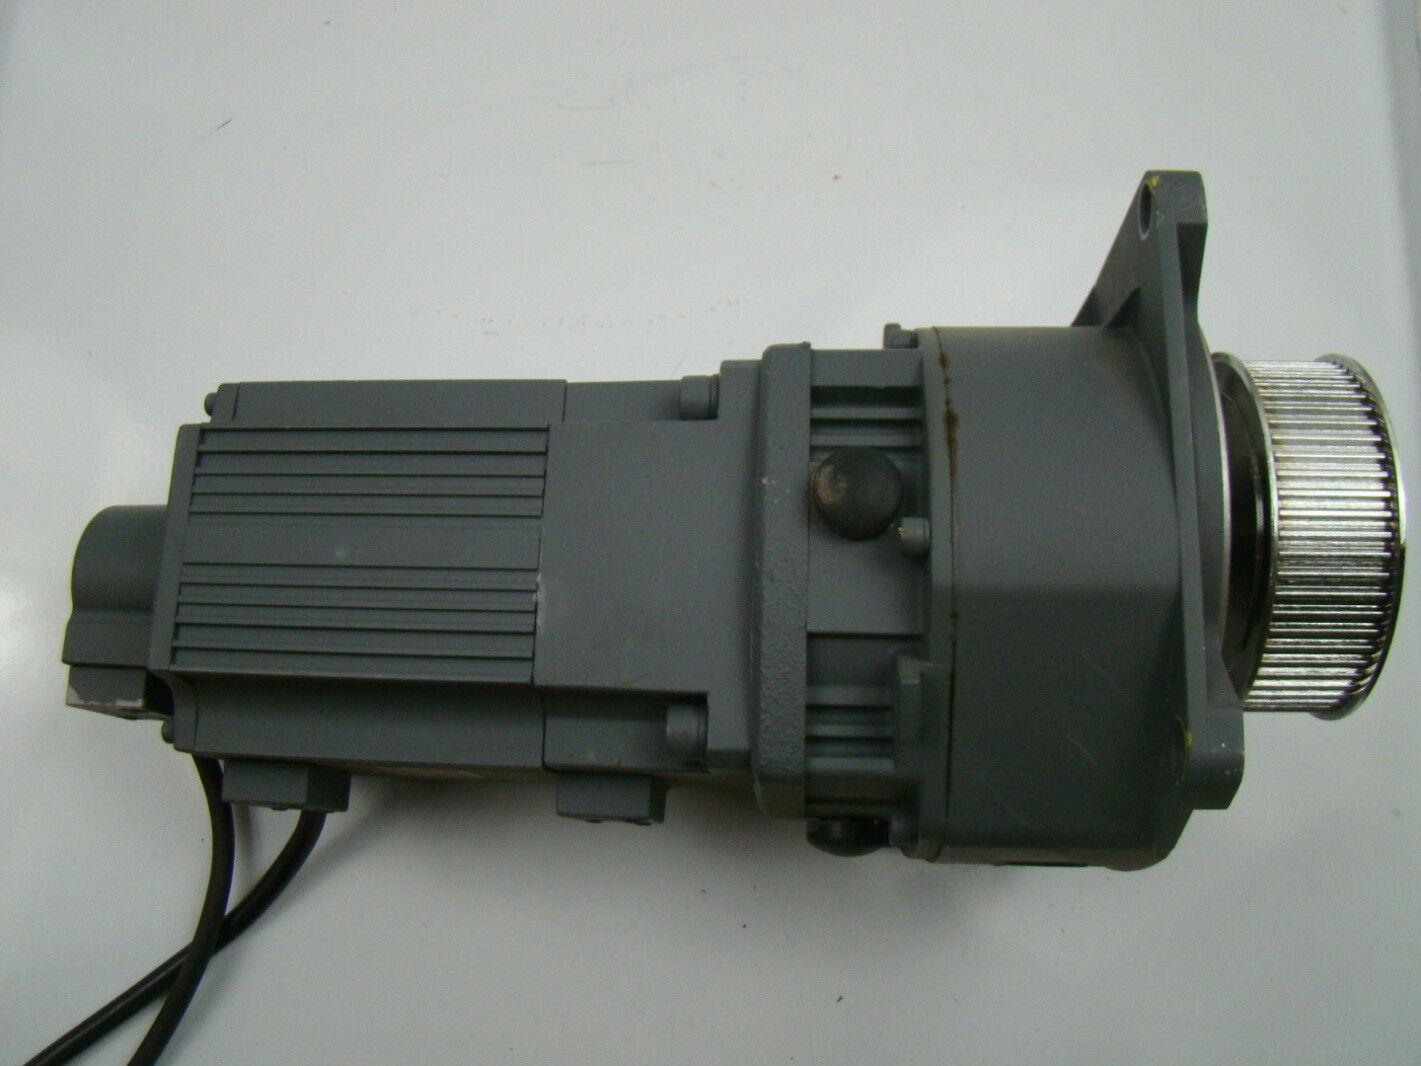 Mitsubishi Ac Servo Motor 3000 Rpm 126v Ha Ff43bg1